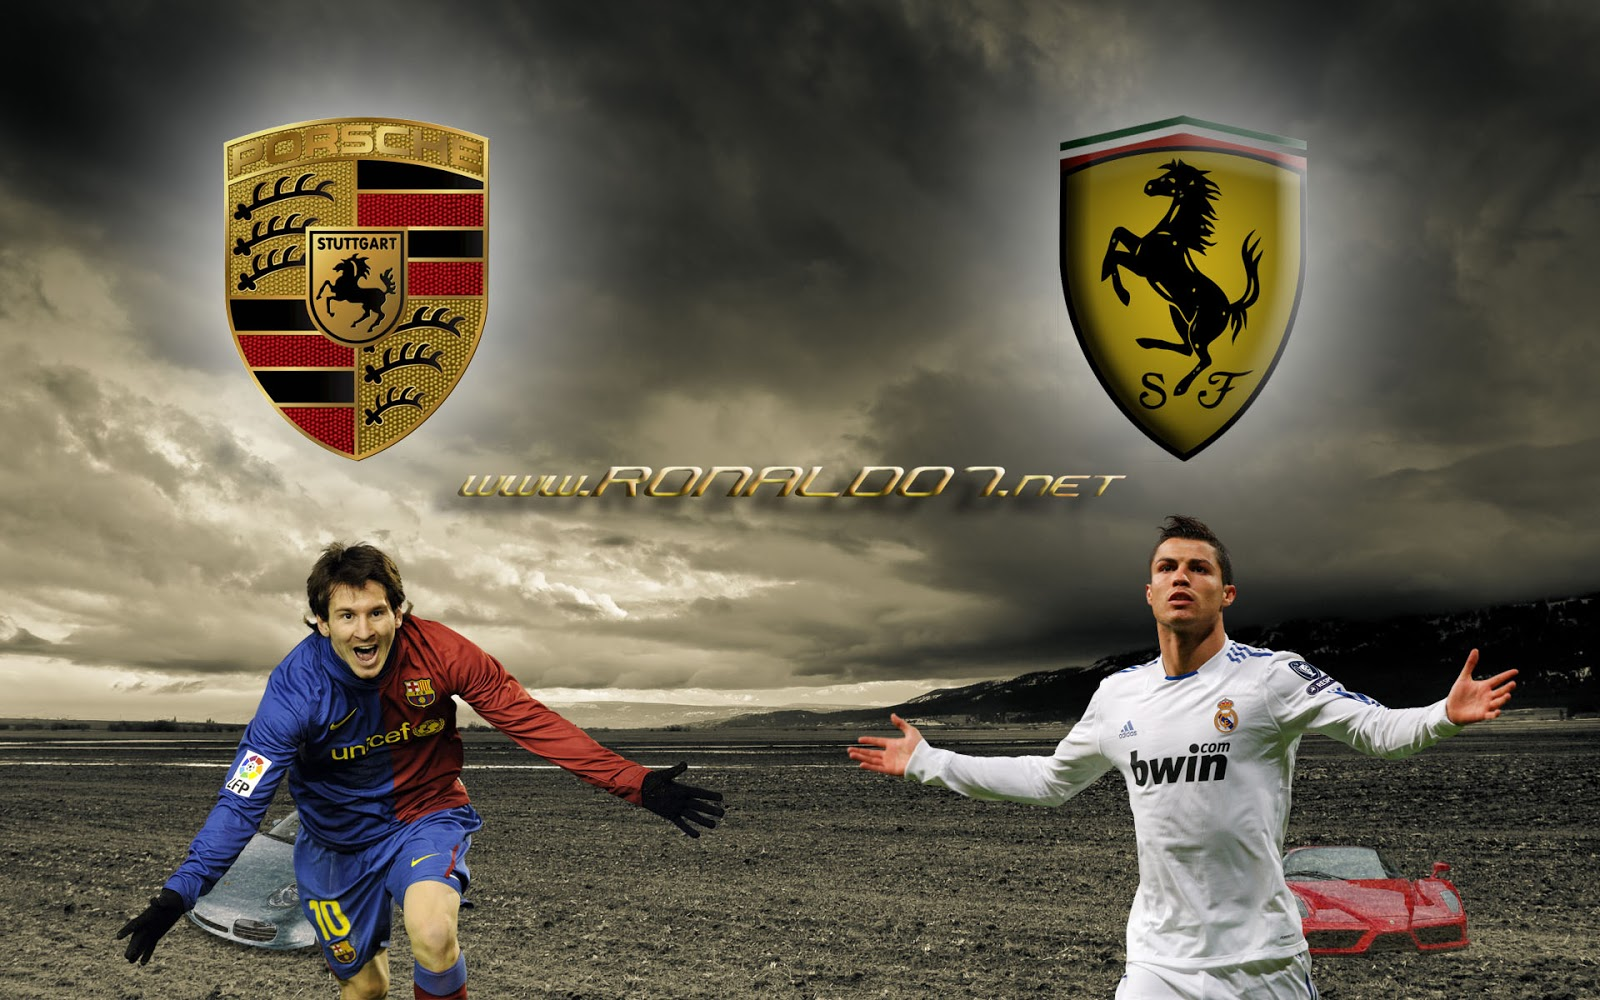 Foto Lucu C Ronaldo Dan L Messi Terlengkap Display Picture Unik